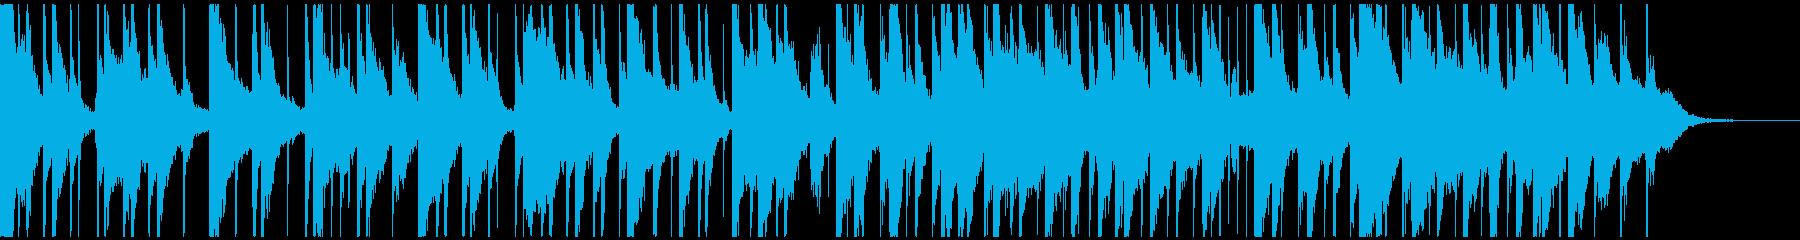 ピアノと三味線の日常的なBGMの再生済みの波形